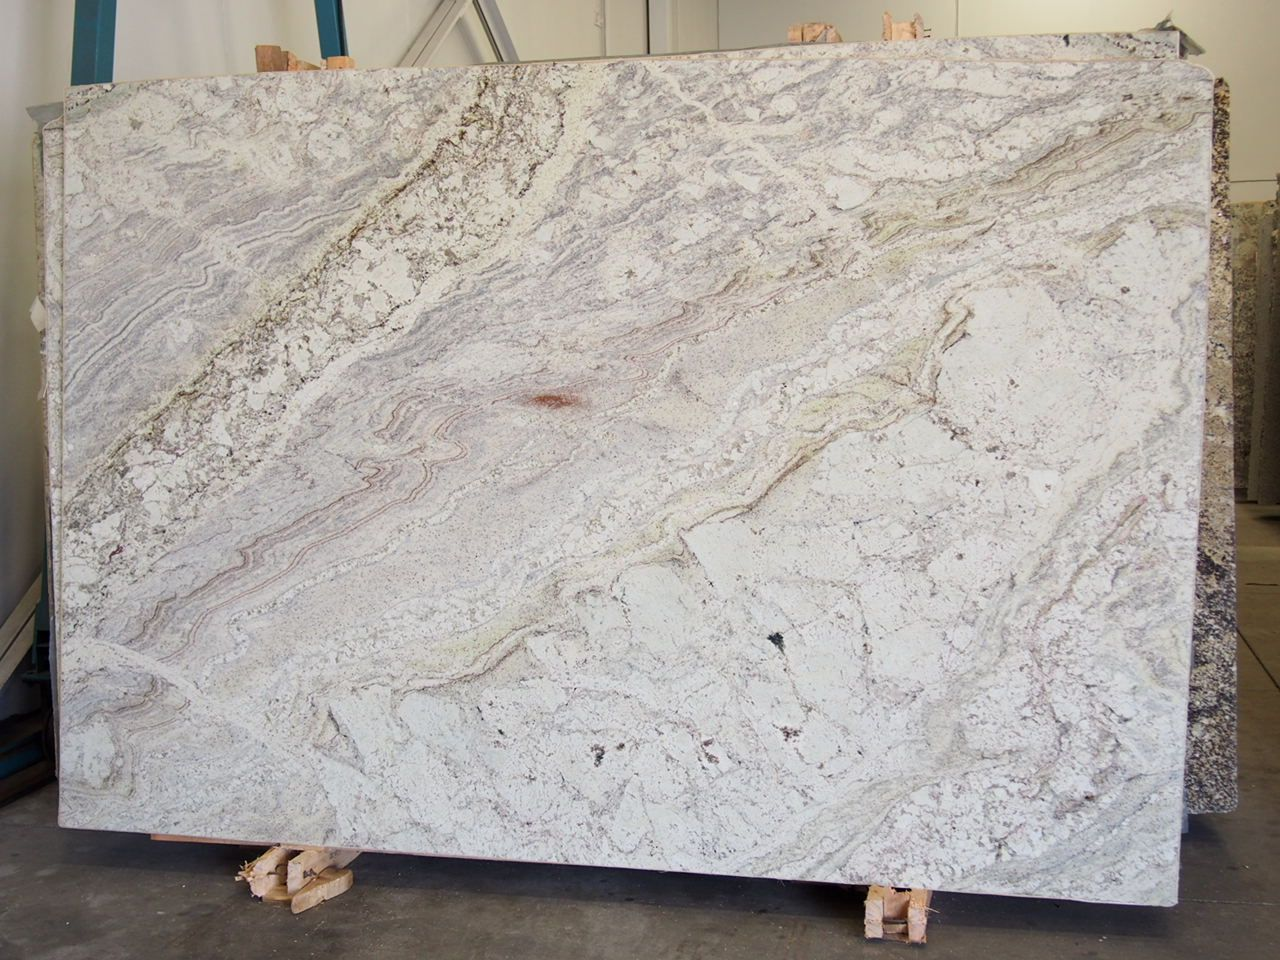 Siena River Granite Slab Sold By